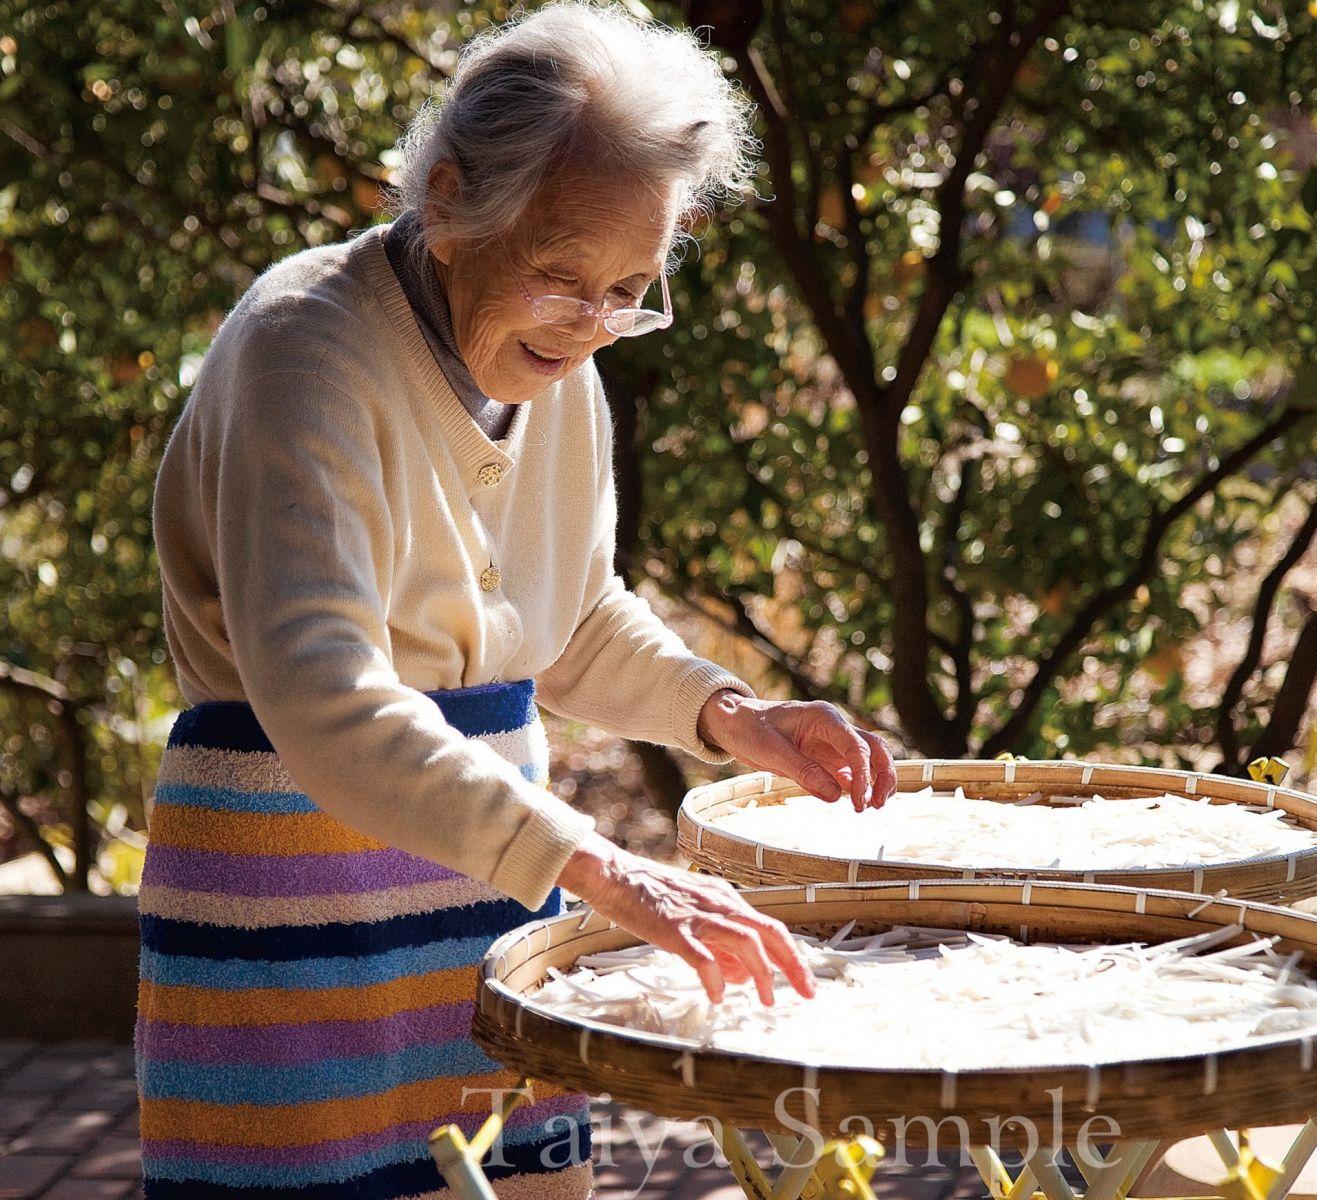 87歲的日本老奶奶 因為下田耕種找到生命的哲理